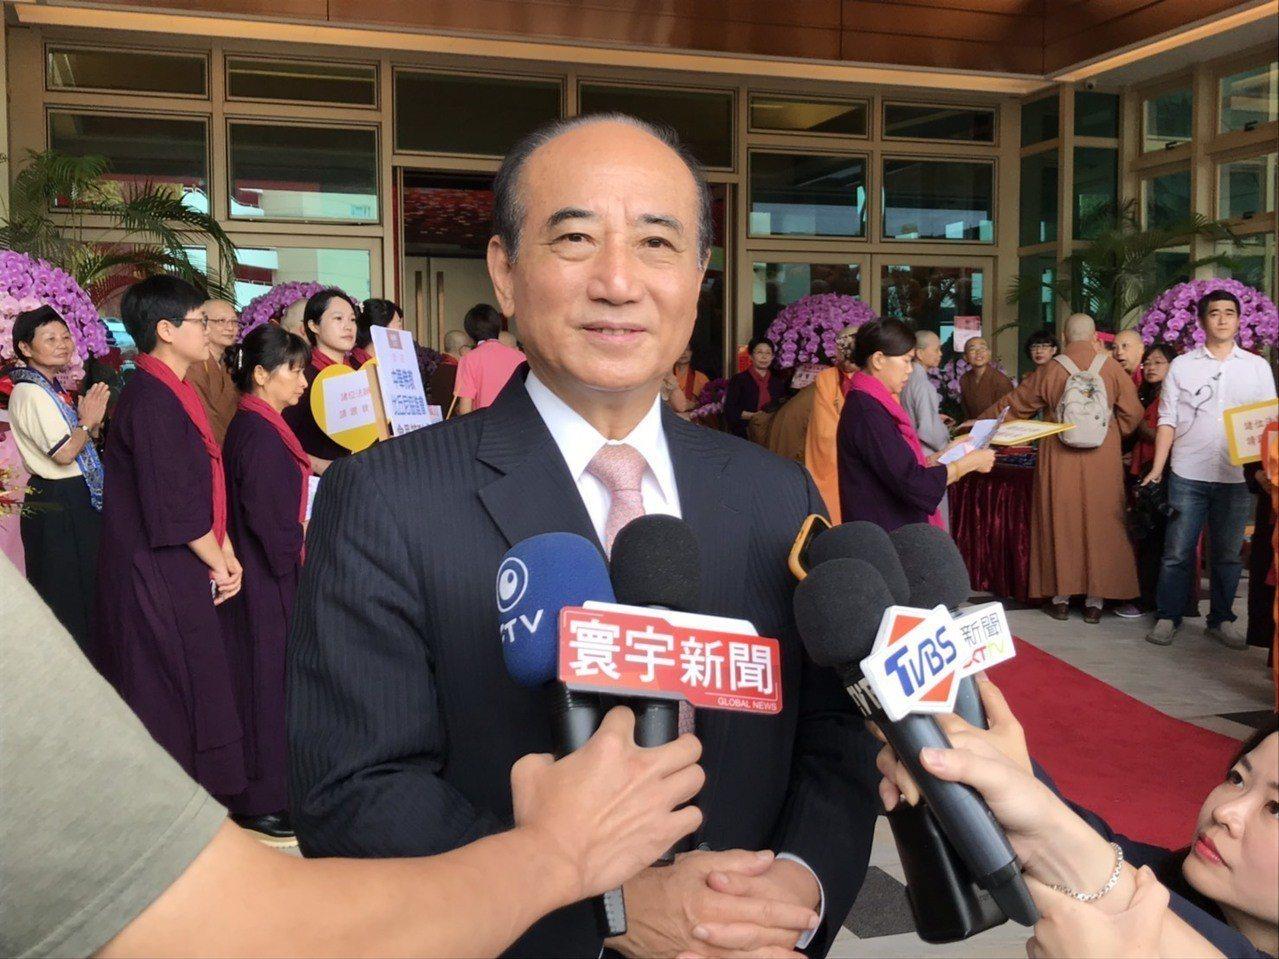 國民黨總統初選政見會昨晚登場,前立法院長王金平今天受訪表示,沒有安排辯論,覺得比...